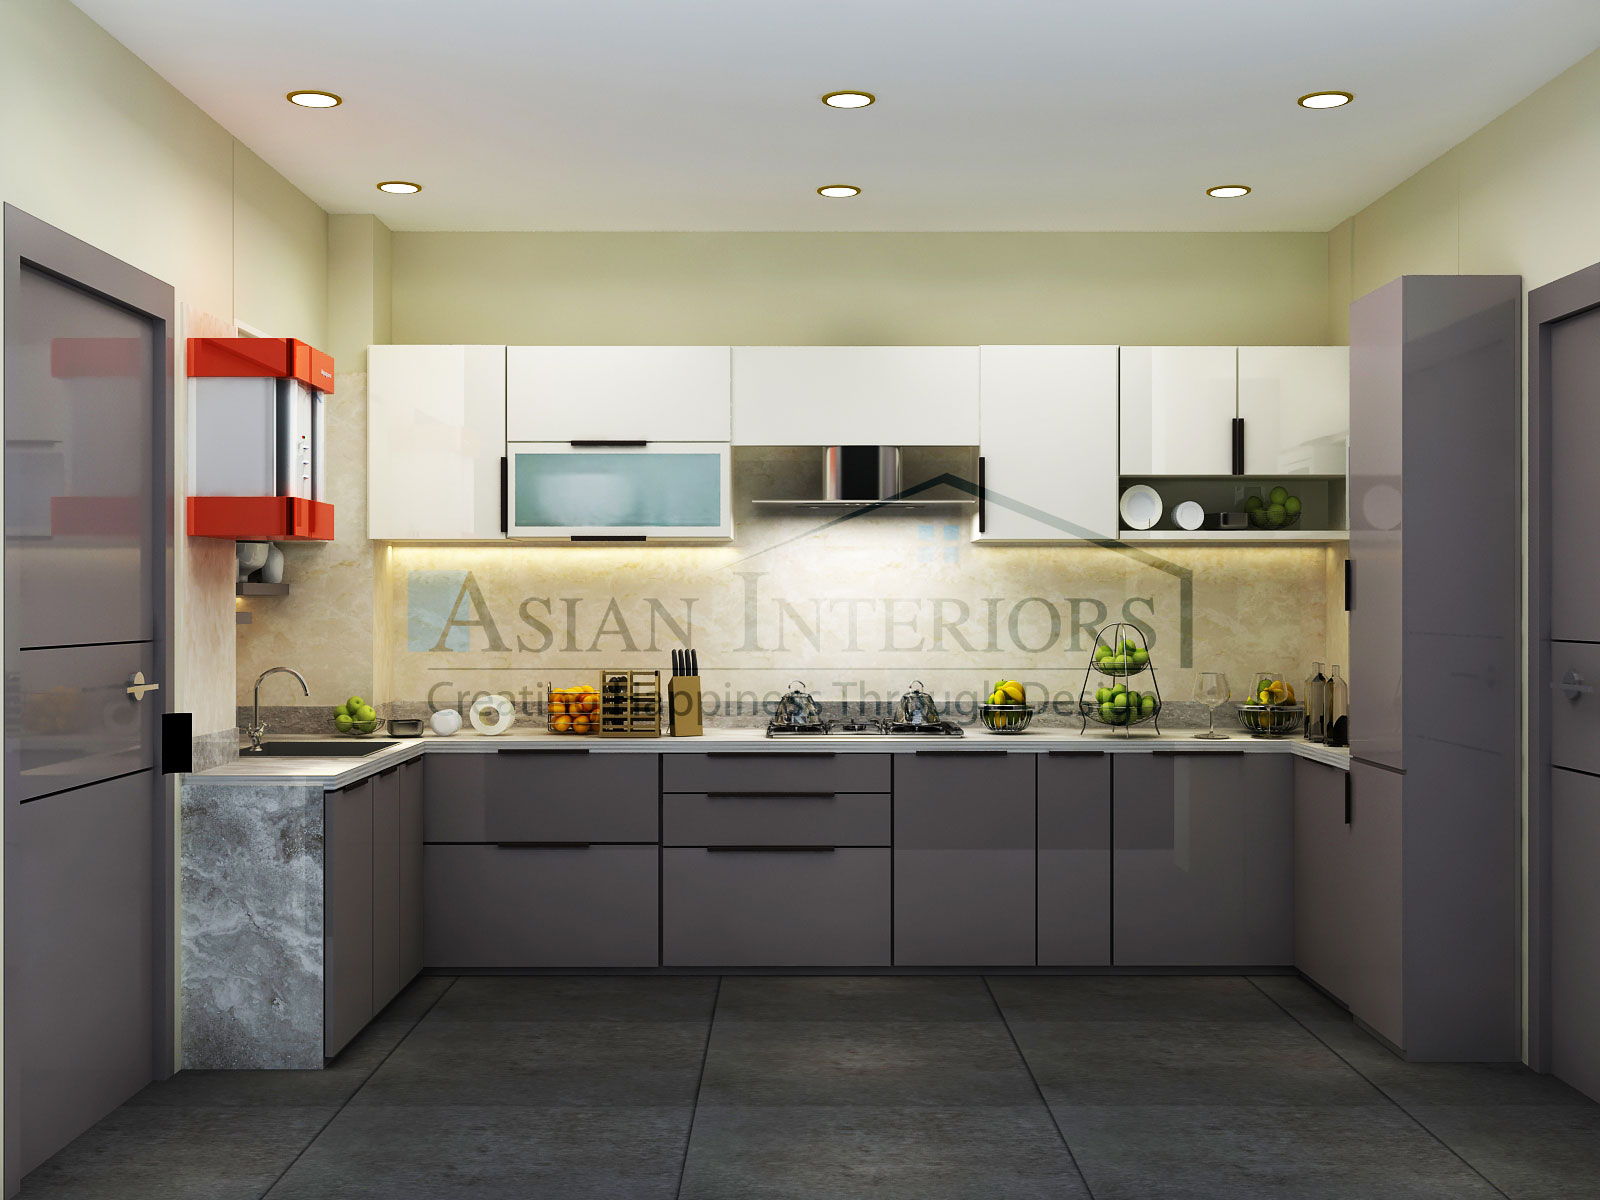 Asian-Interiors-Kitchen28